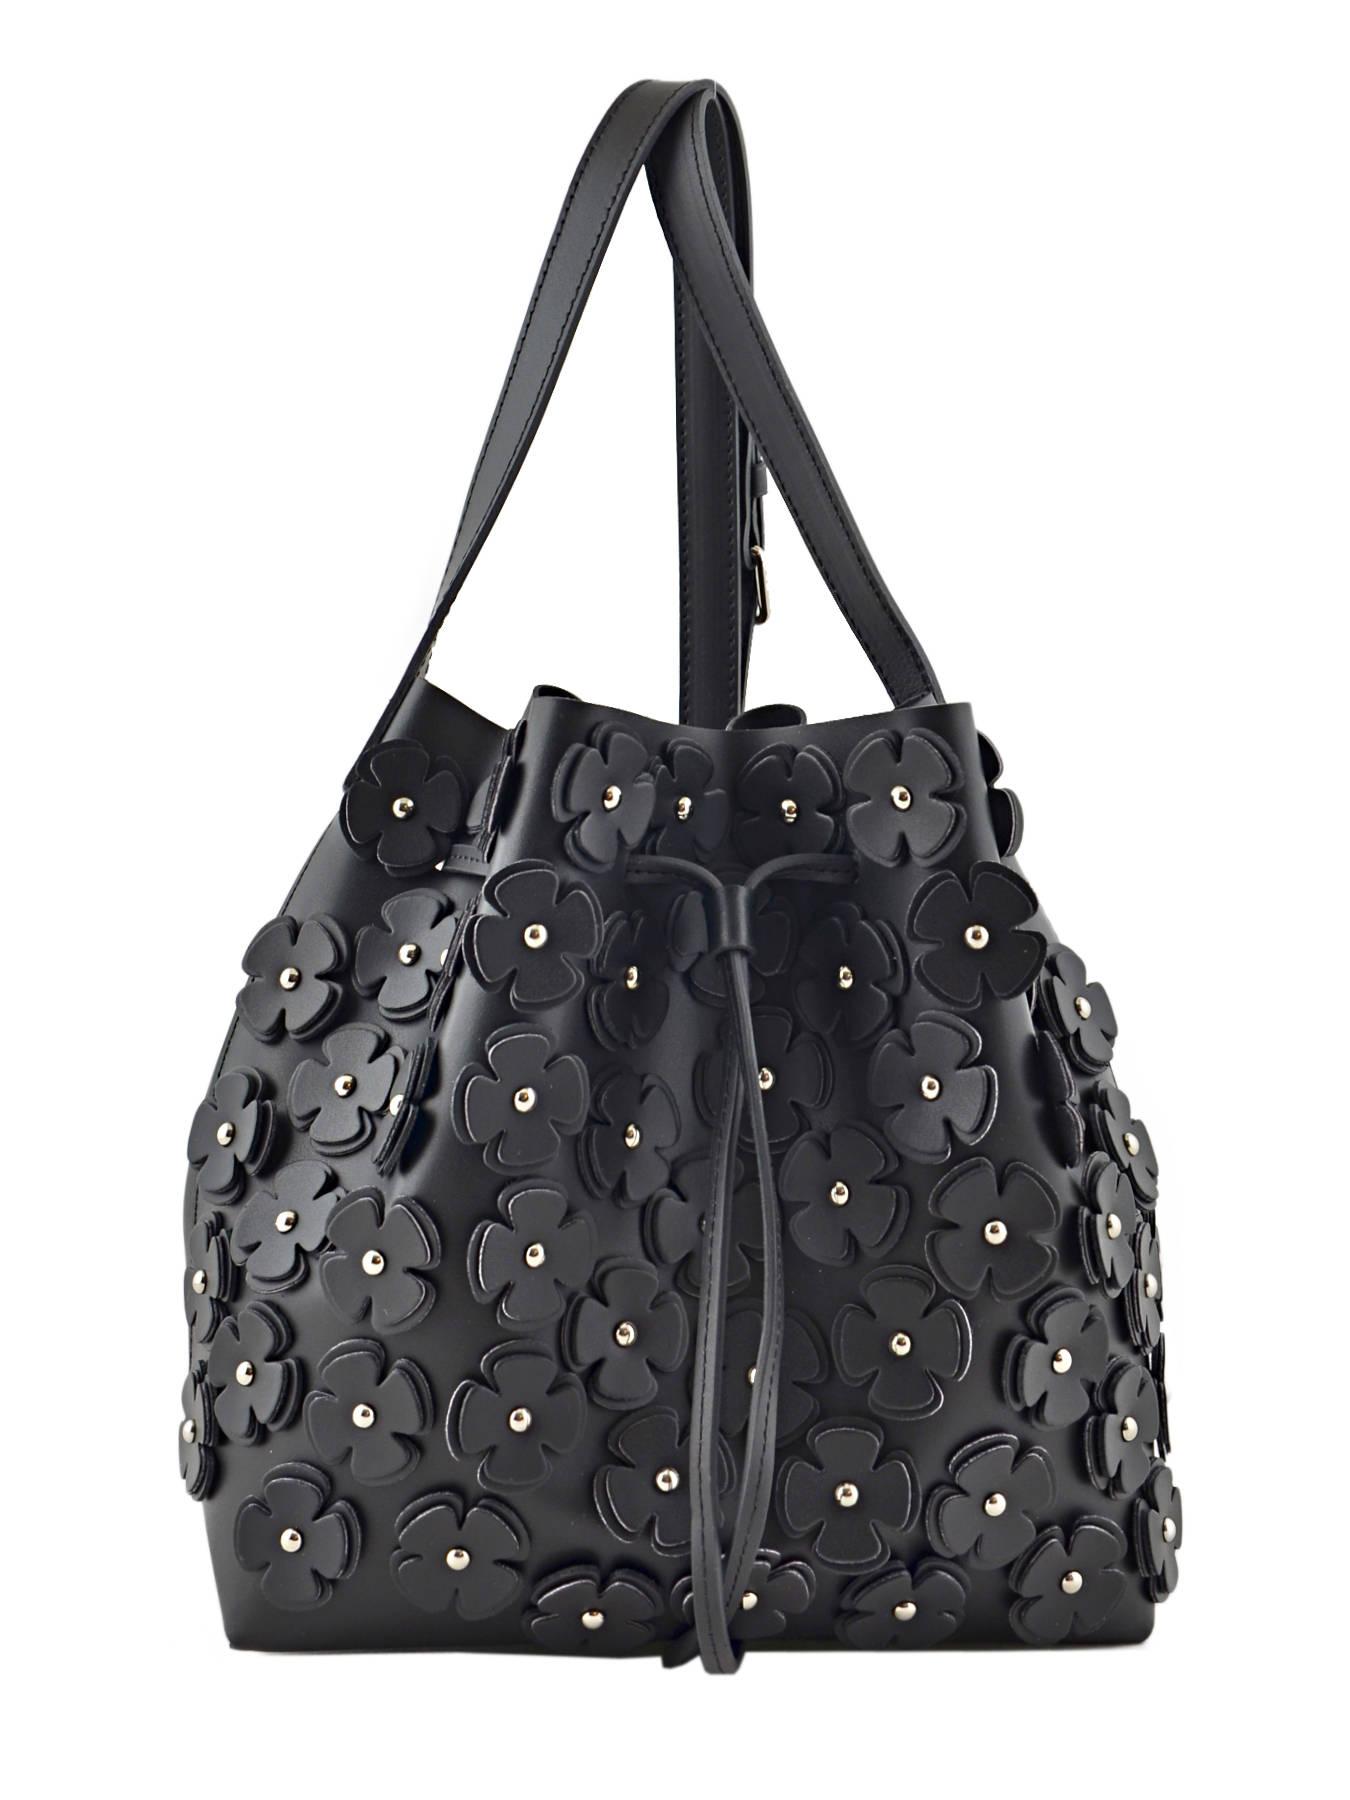 sac lancaster pur floral noir e en vente au meilleur prix. Black Bedroom Furniture Sets. Home Design Ideas